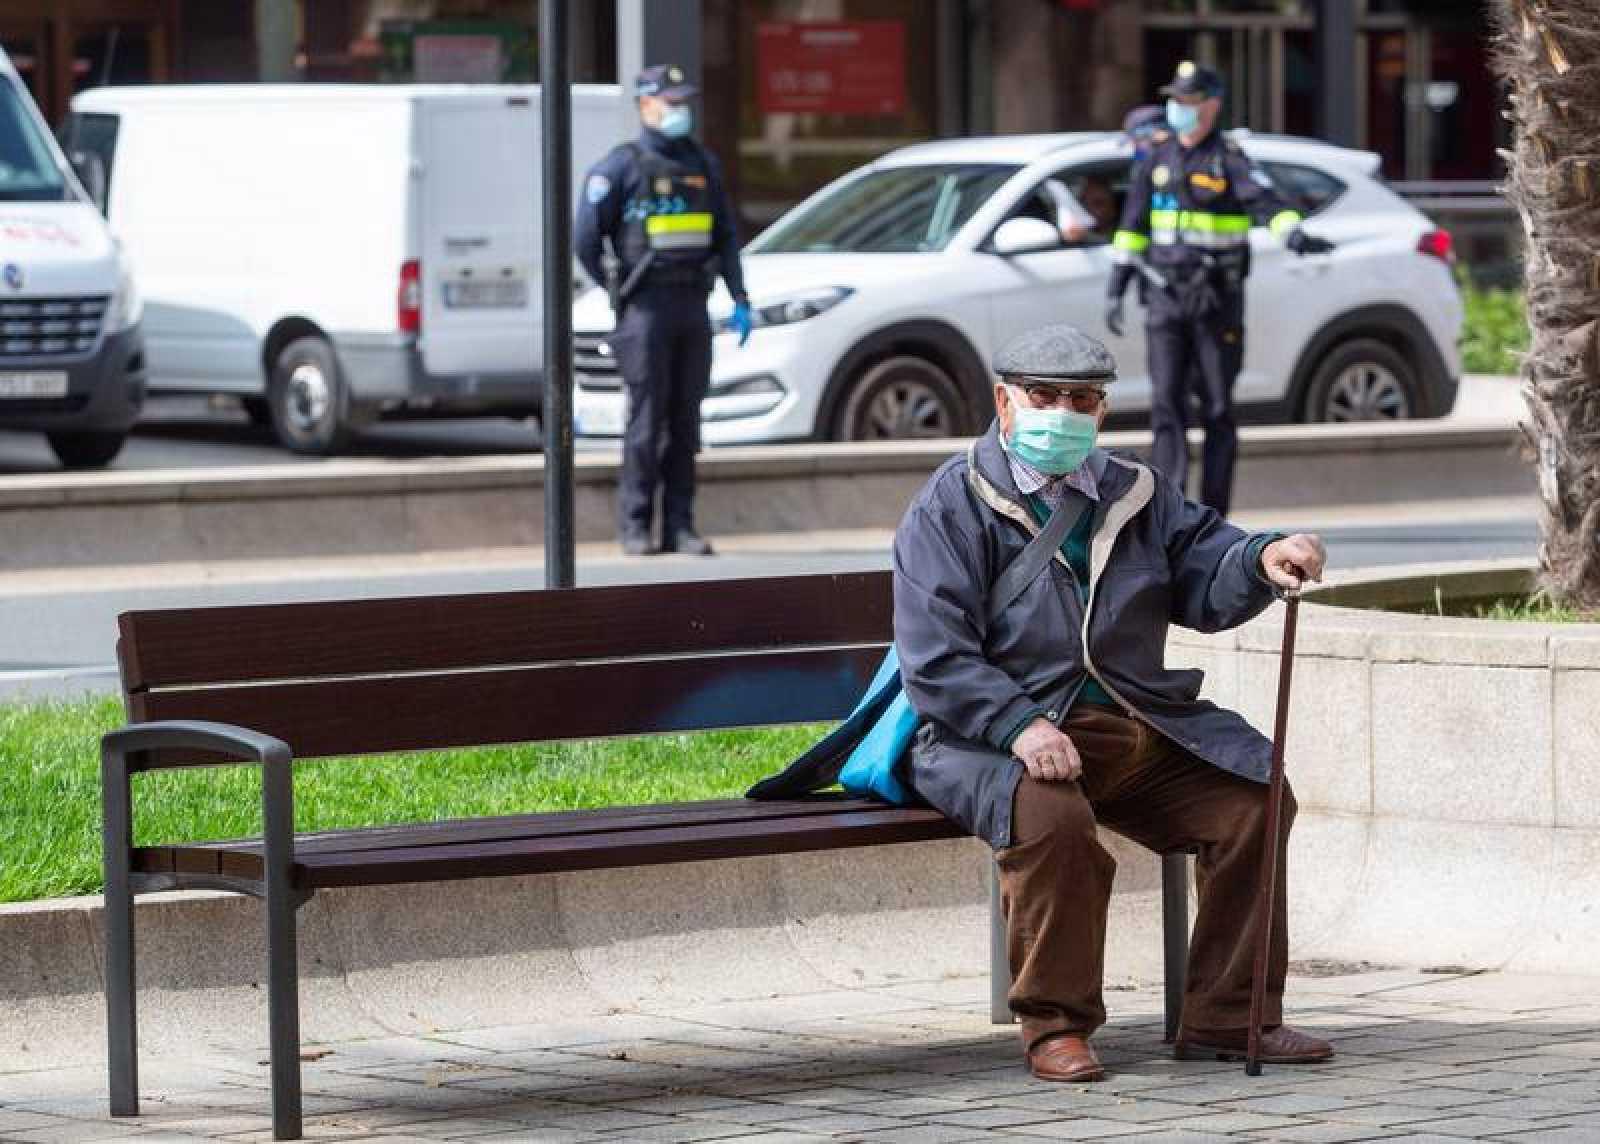 Un hombre con mascarilla permanece sentado en un banco mientras a sus espaldas agentes de la Policía Nacional  trabajan